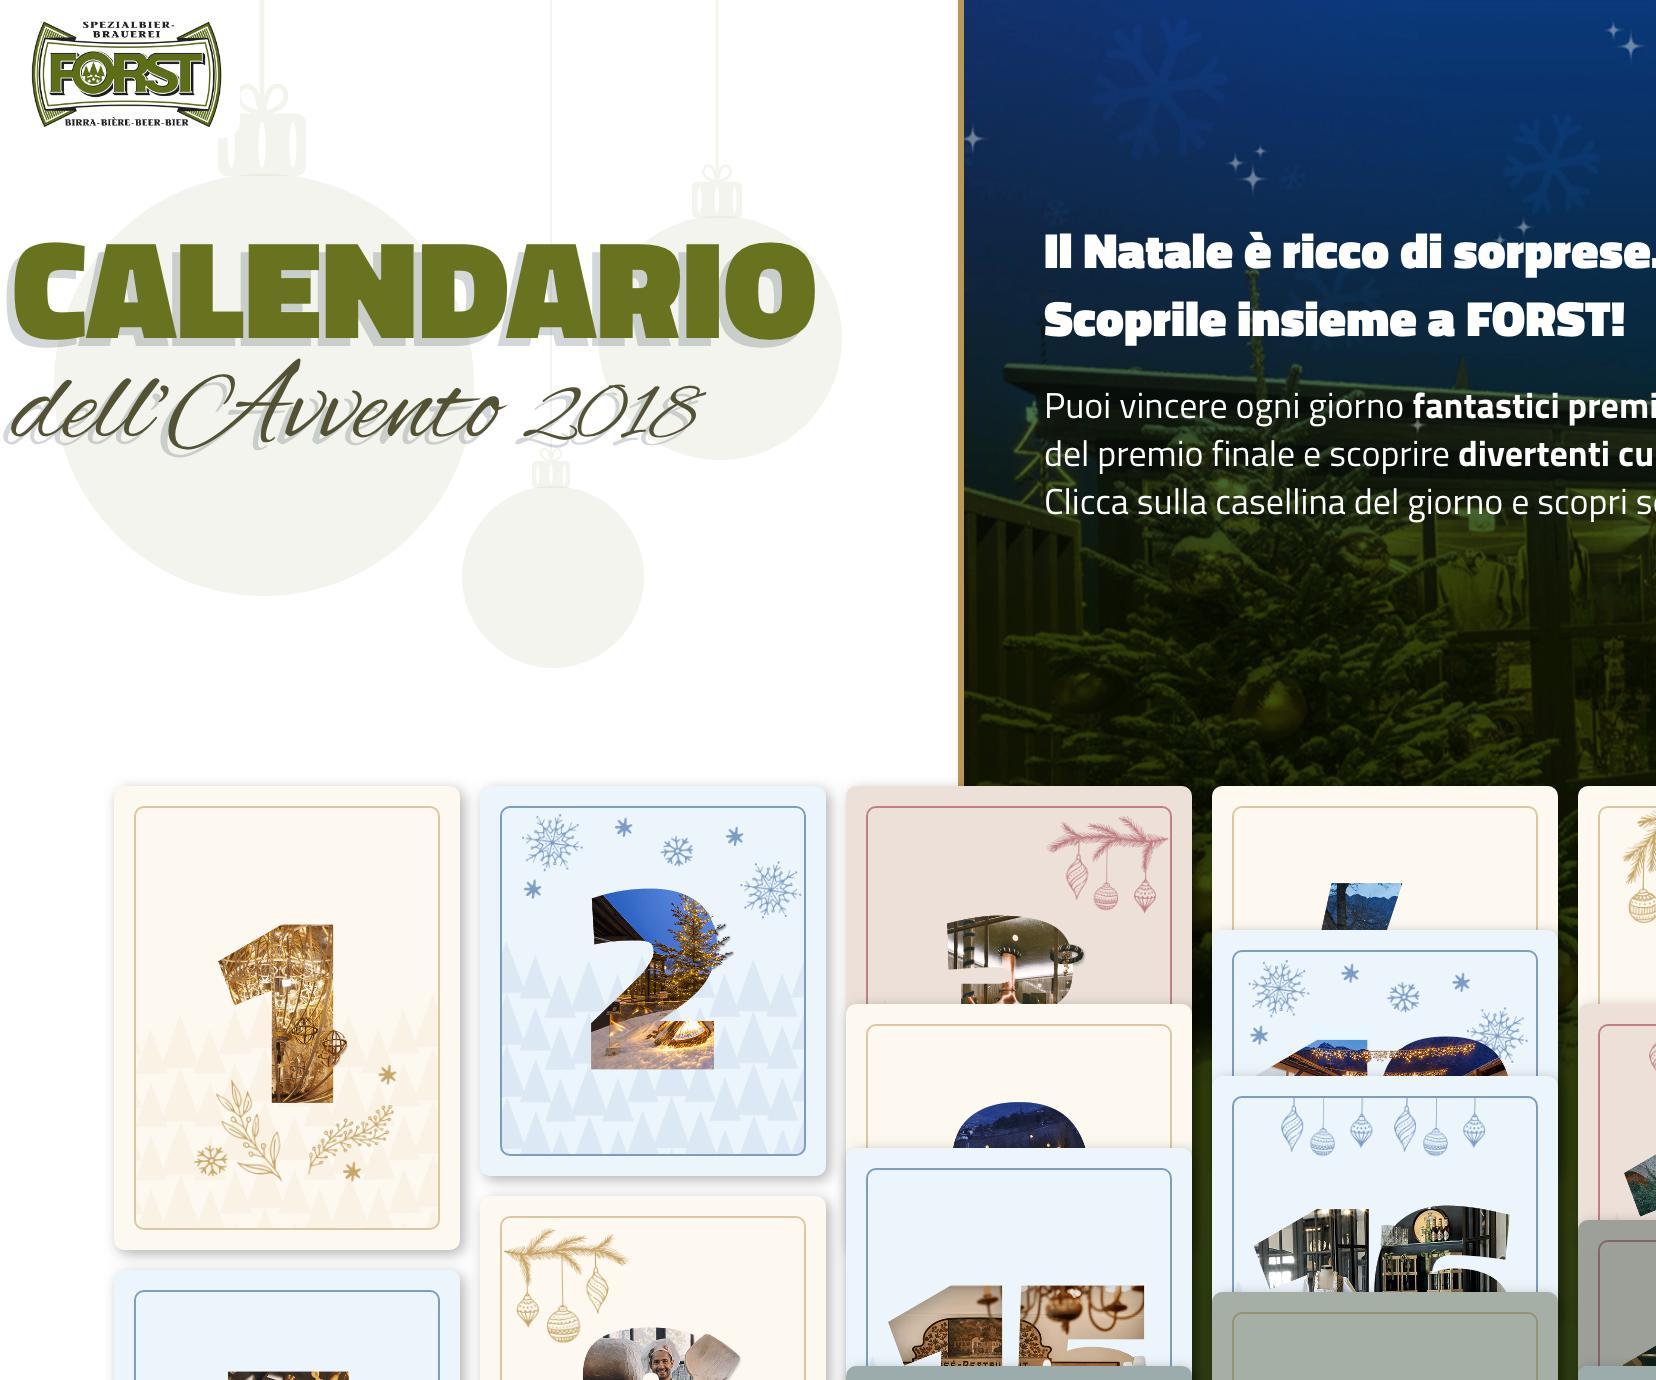 Calendario Avvento Birra.Concorso A Premi Calendario Dell Avvento Di Birra Forst